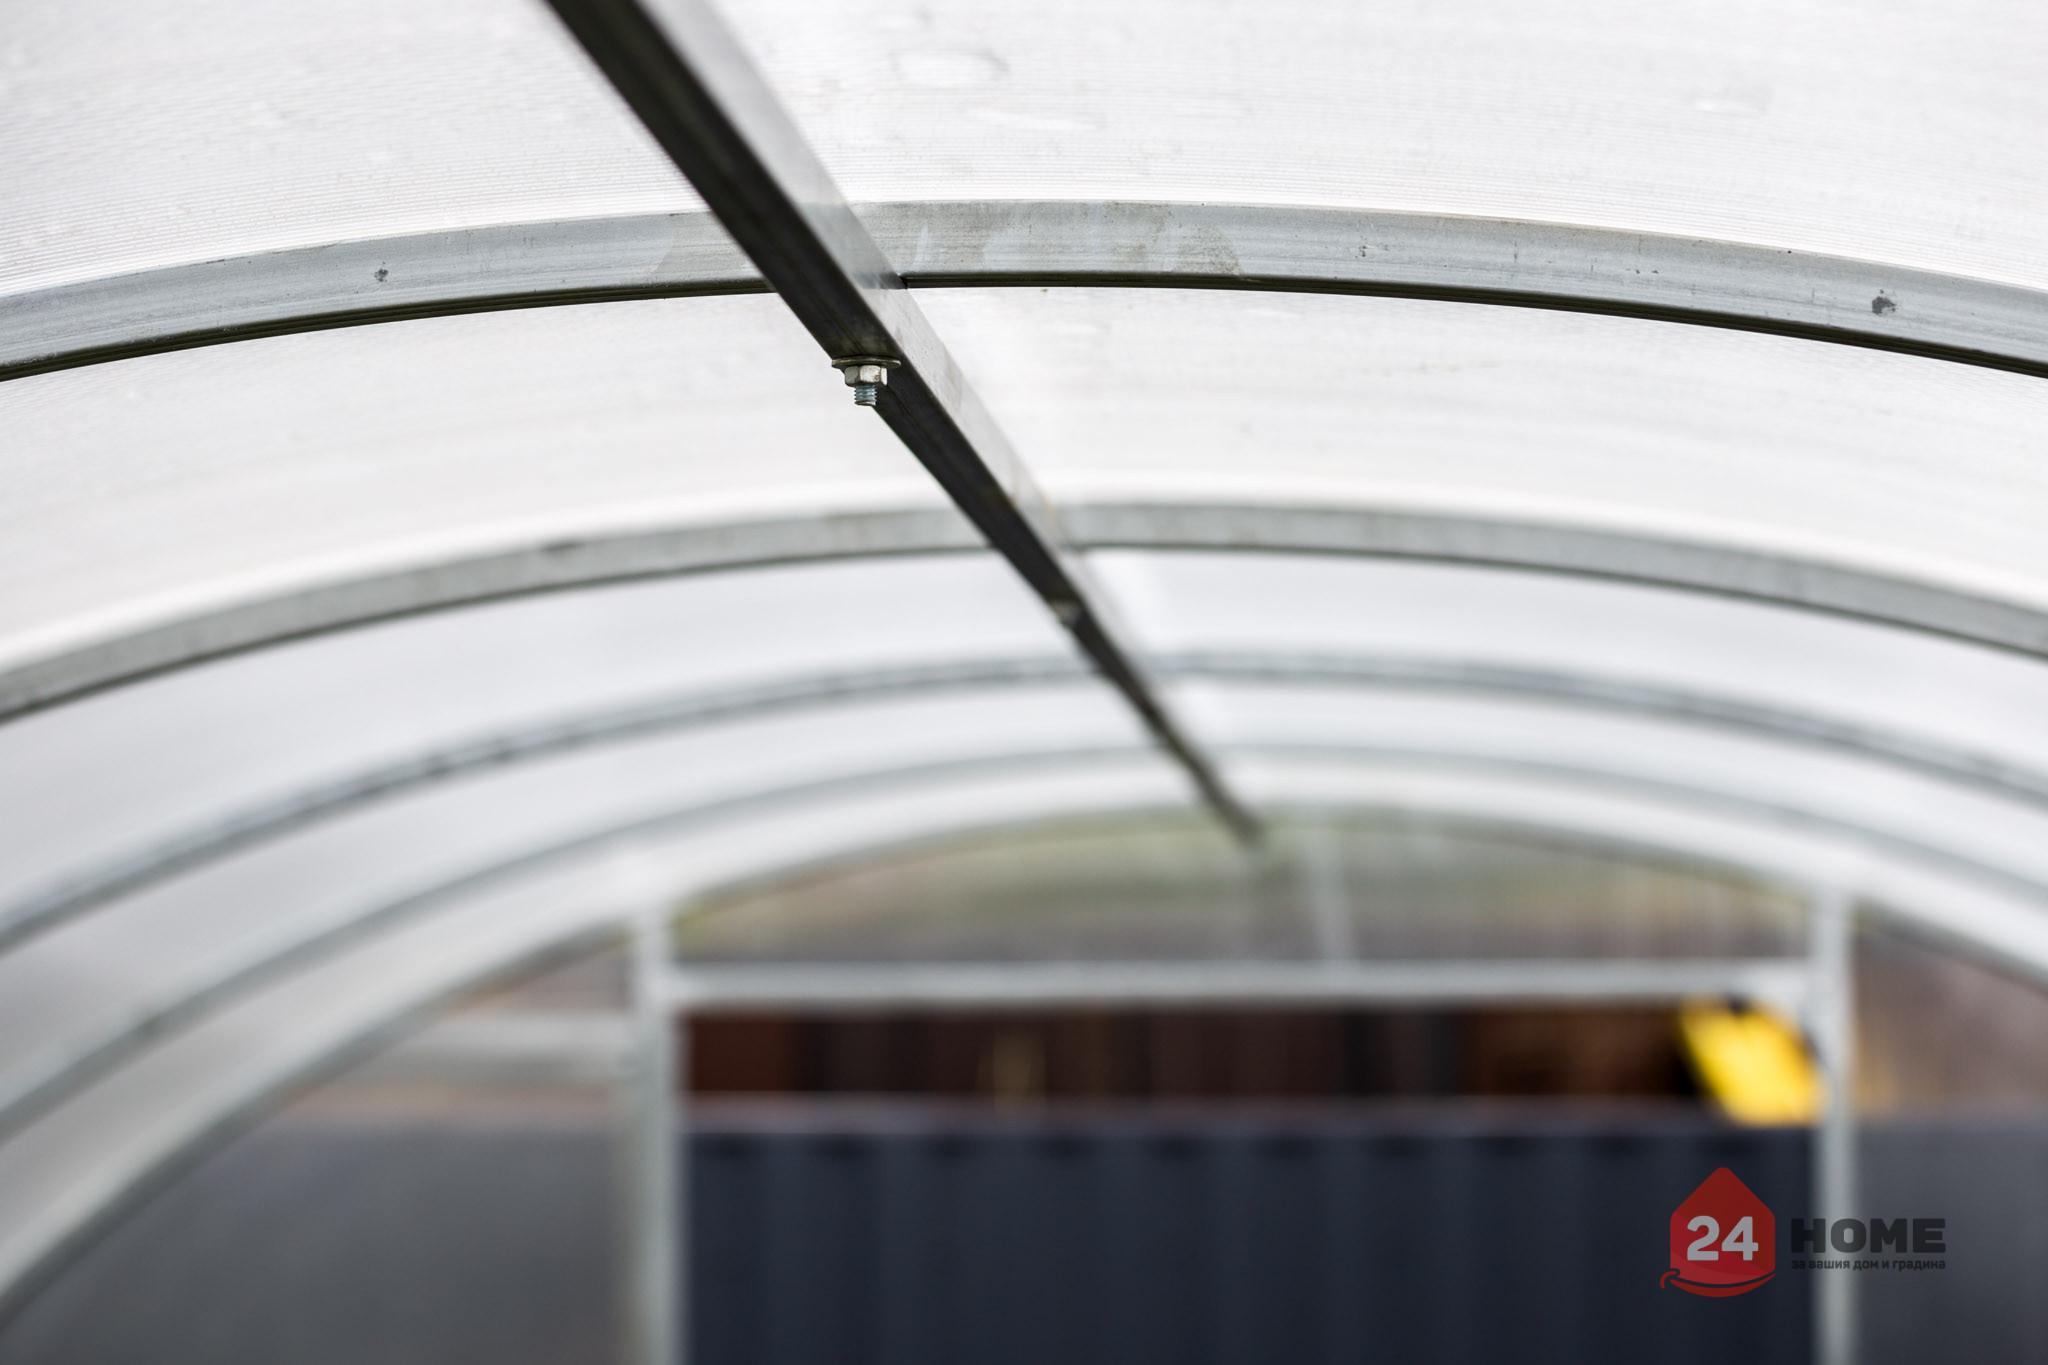 Оранжерия-SUNNY-Strong-покритие-от-поликарбонат-стоманена-конструкция-3x4-м-напречна-греда-било